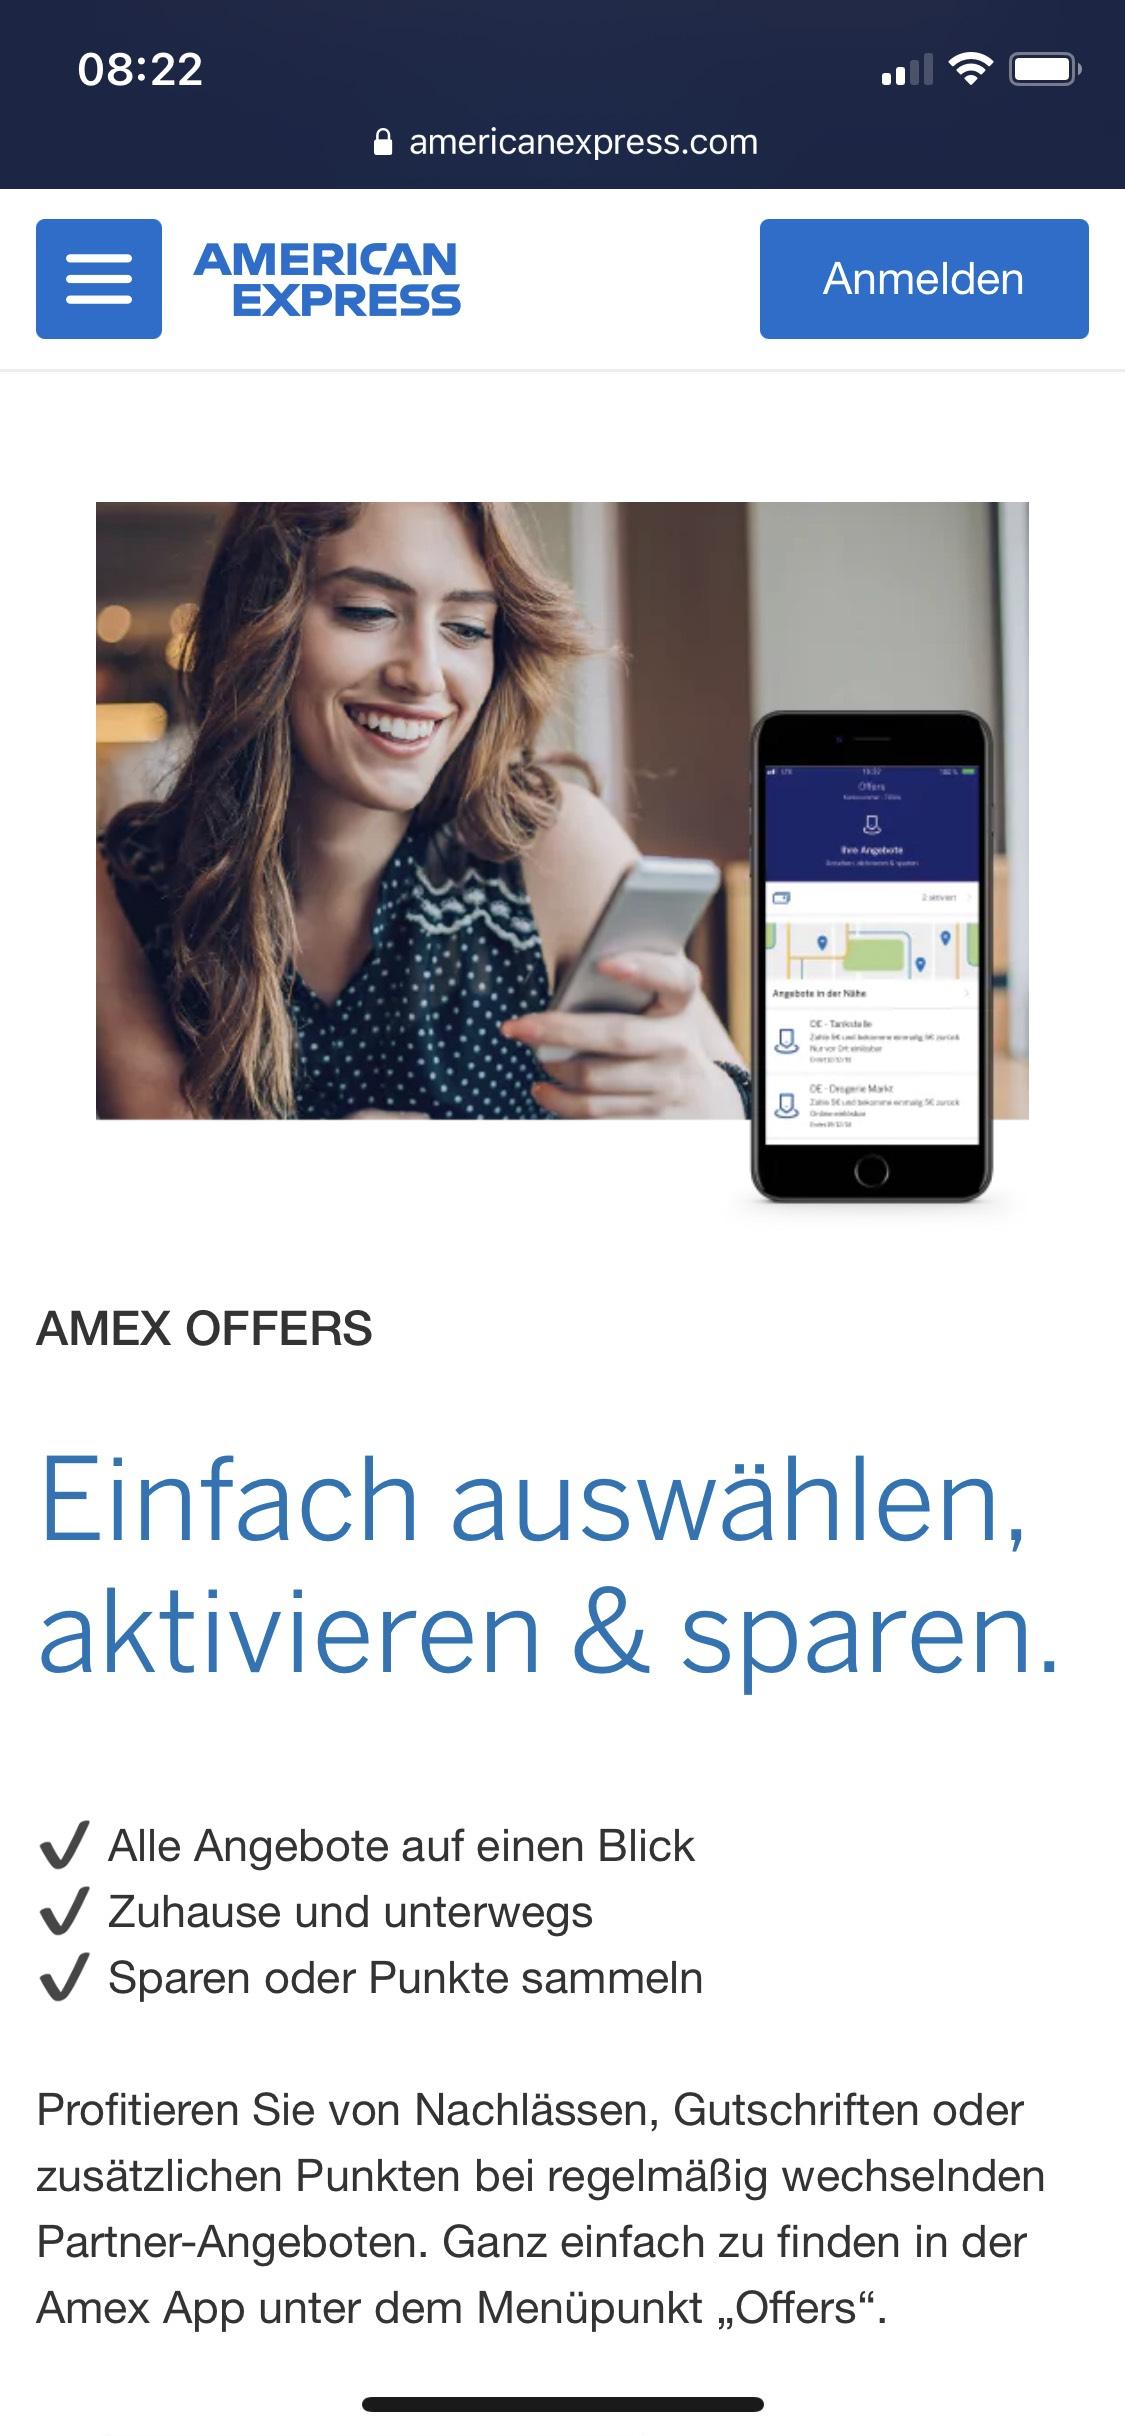 (Amex Gold) Amex Offer Qatar Airways 100€ Gutschrift bei 500€ Umsatz